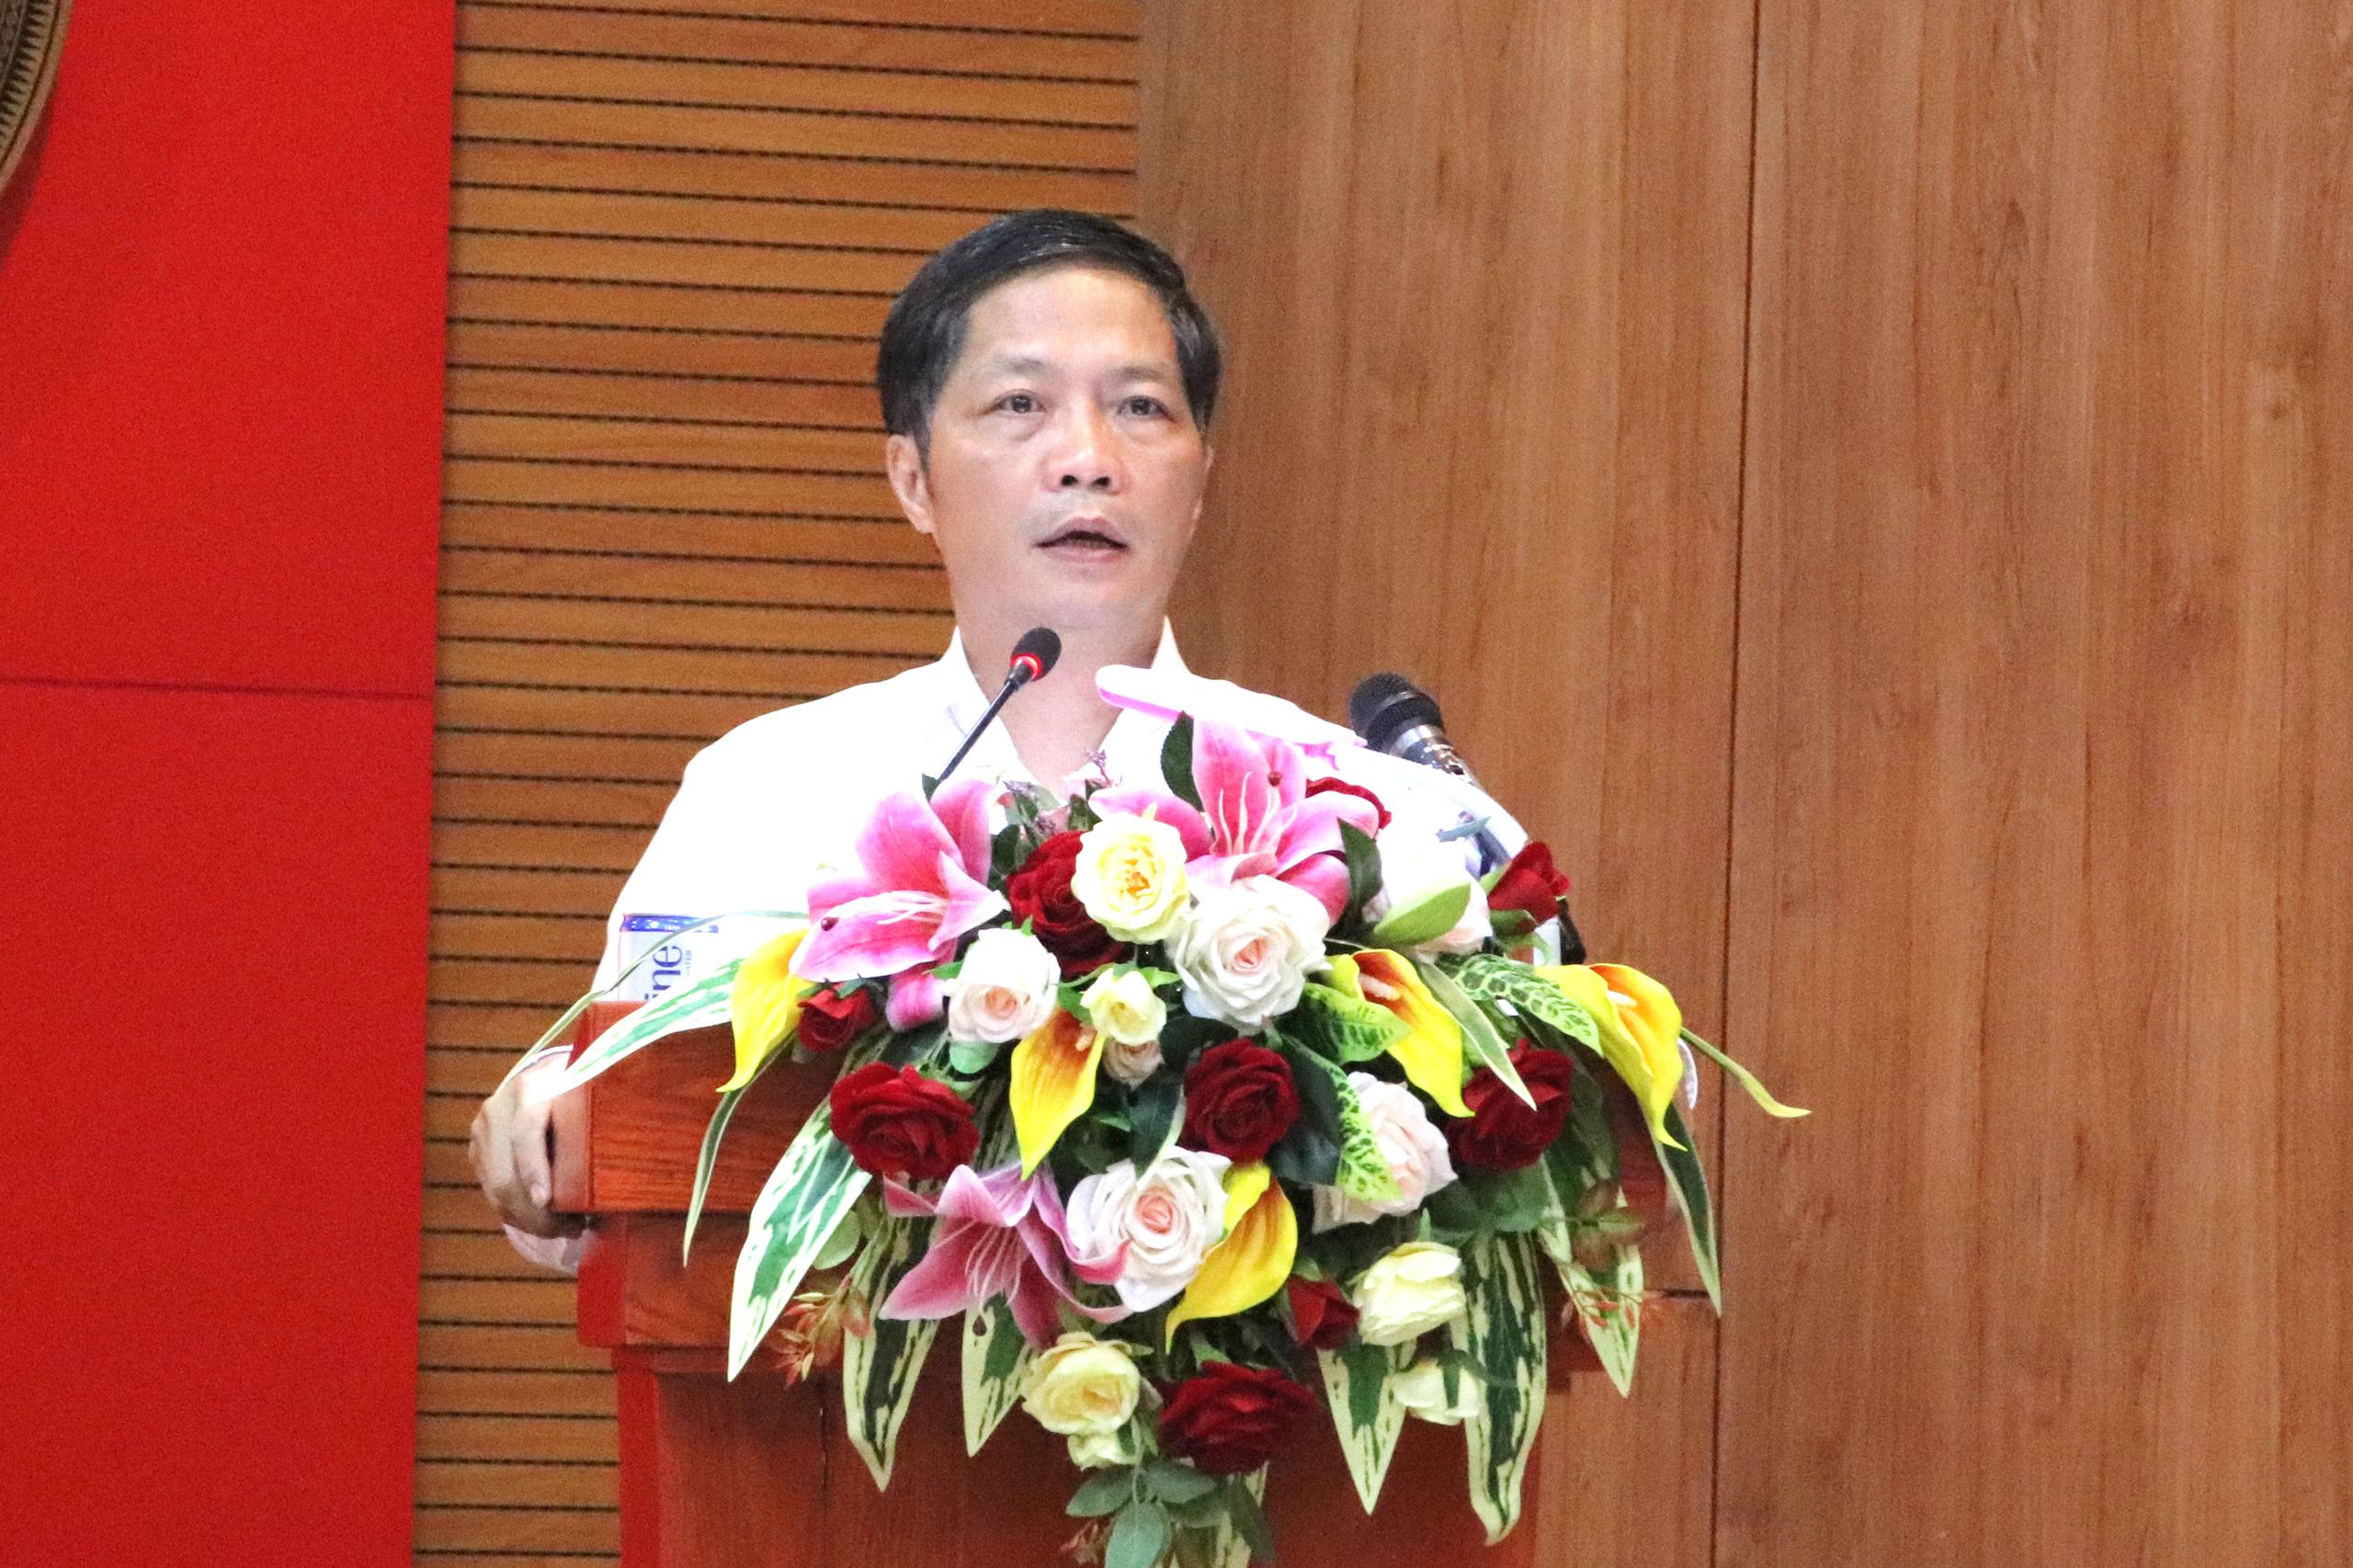 Trưởng Ban Kinh tế Trung ương Trần Tuấn Anh nêu 2 lưu ý khi phát triển Khu kinh tế Vân Phong - Ảnh 1.